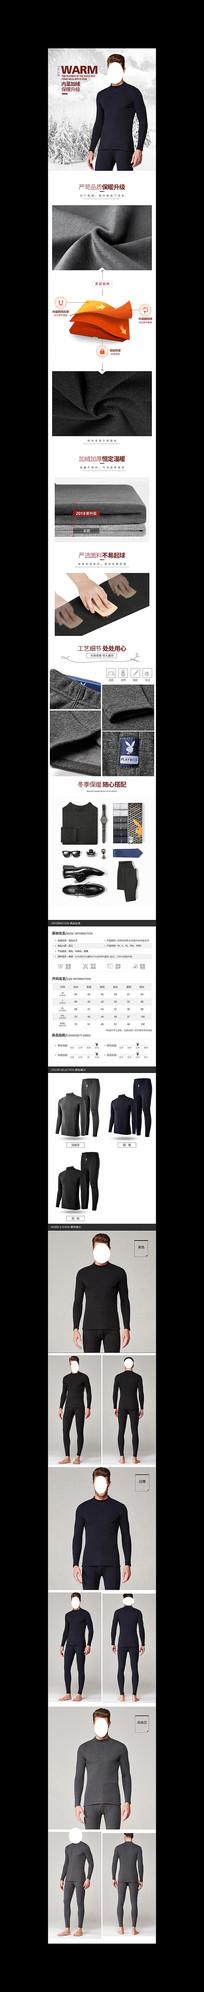 男装保暖内衣详情页描述模板